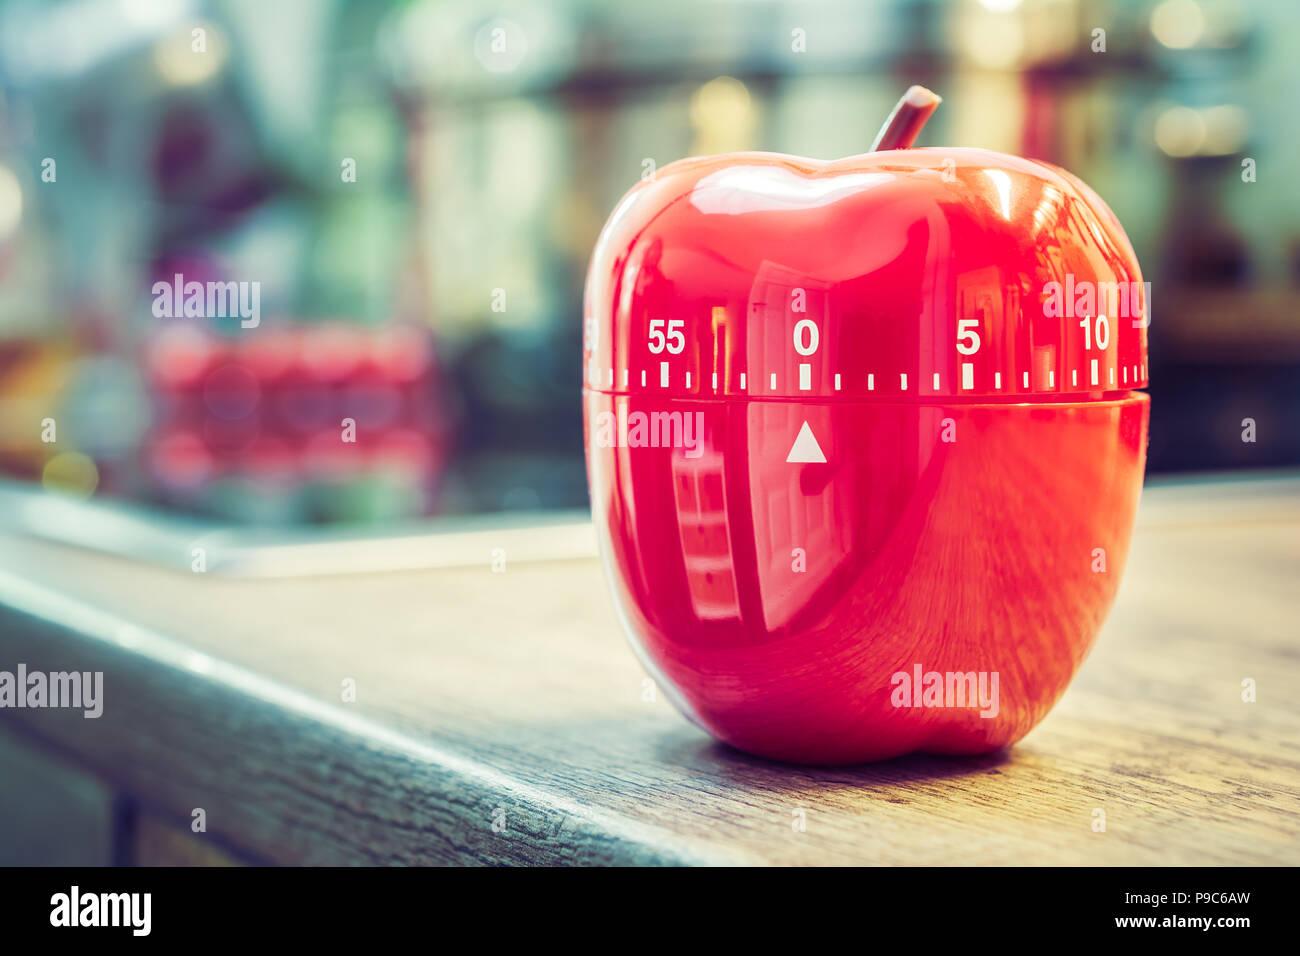 0 Minuten - 1 Stunde - Rote Küche Eieruhr in Form von Apple ...